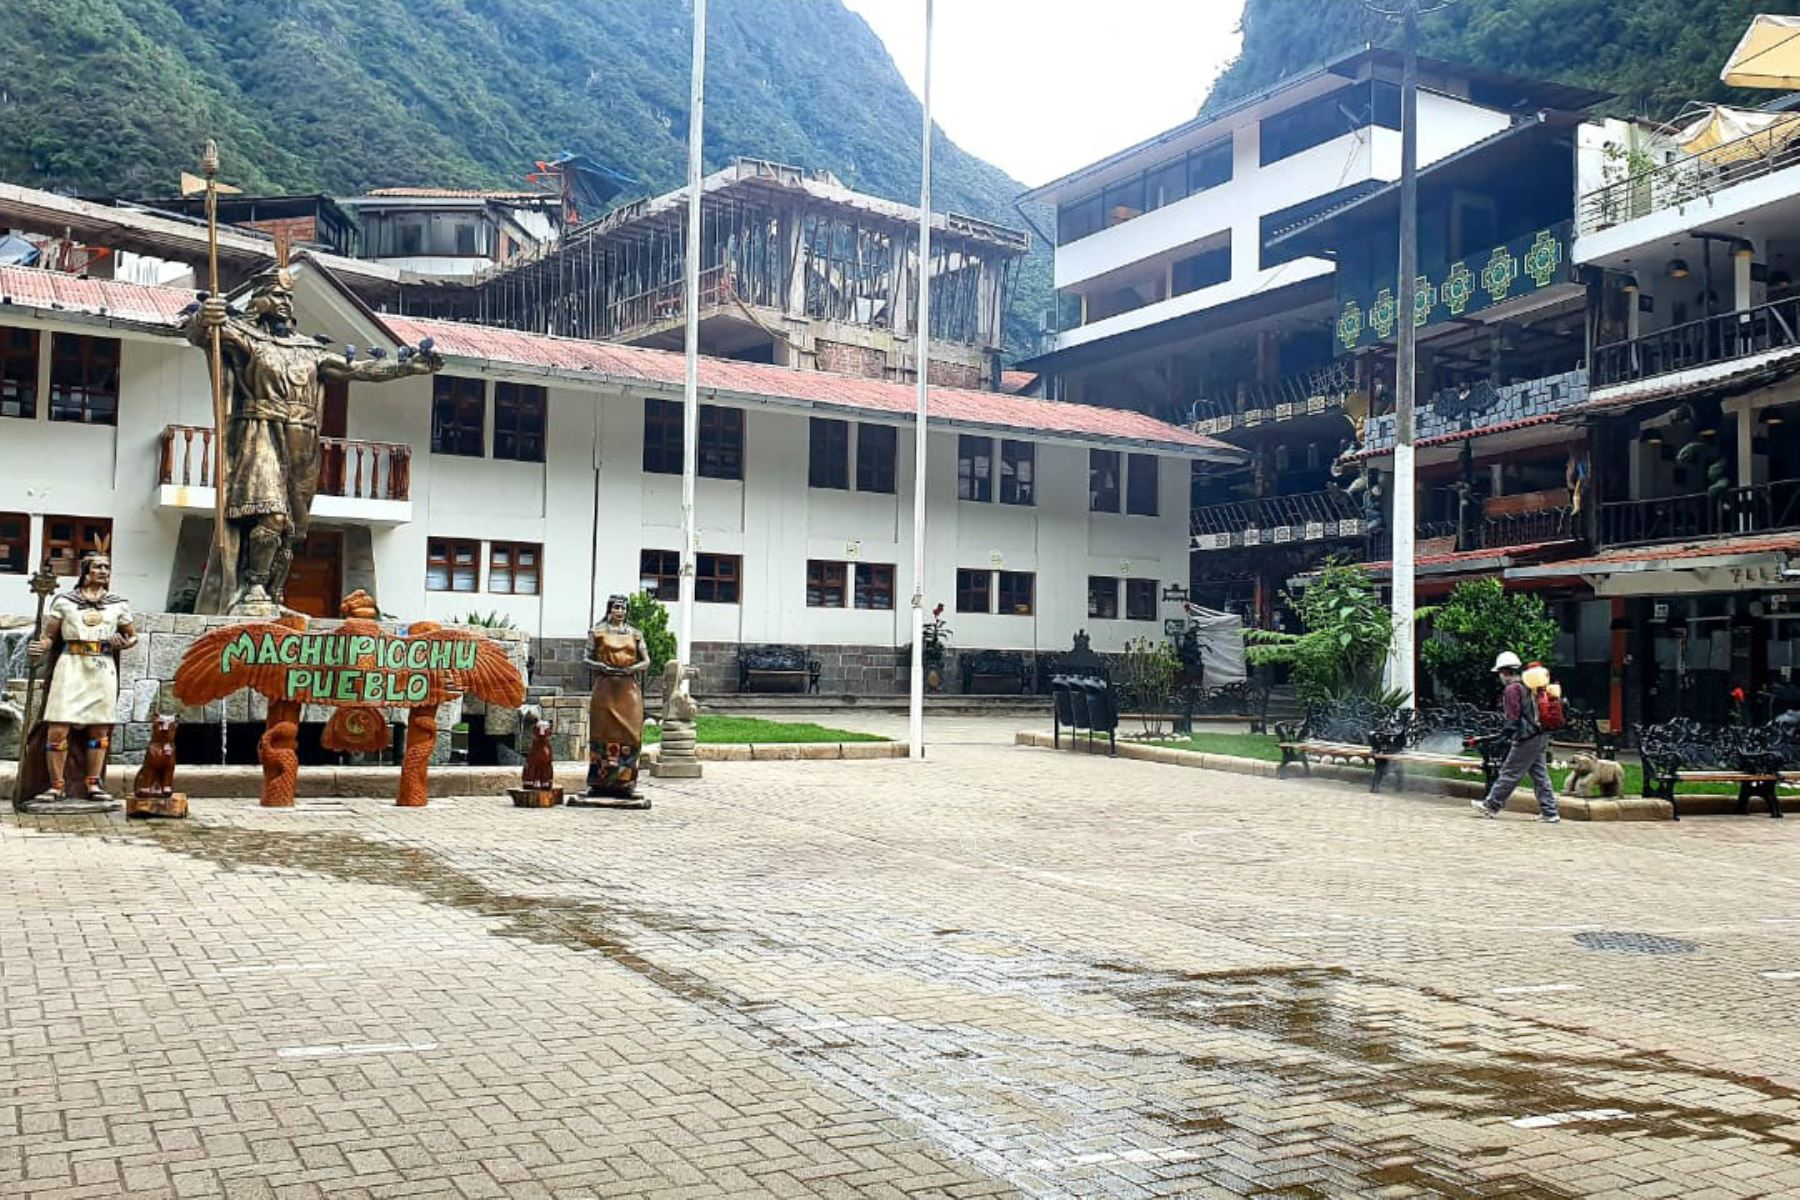 Establecimientos de hospedaje. Foto: ANDINA/Percy Hurtado Santillán